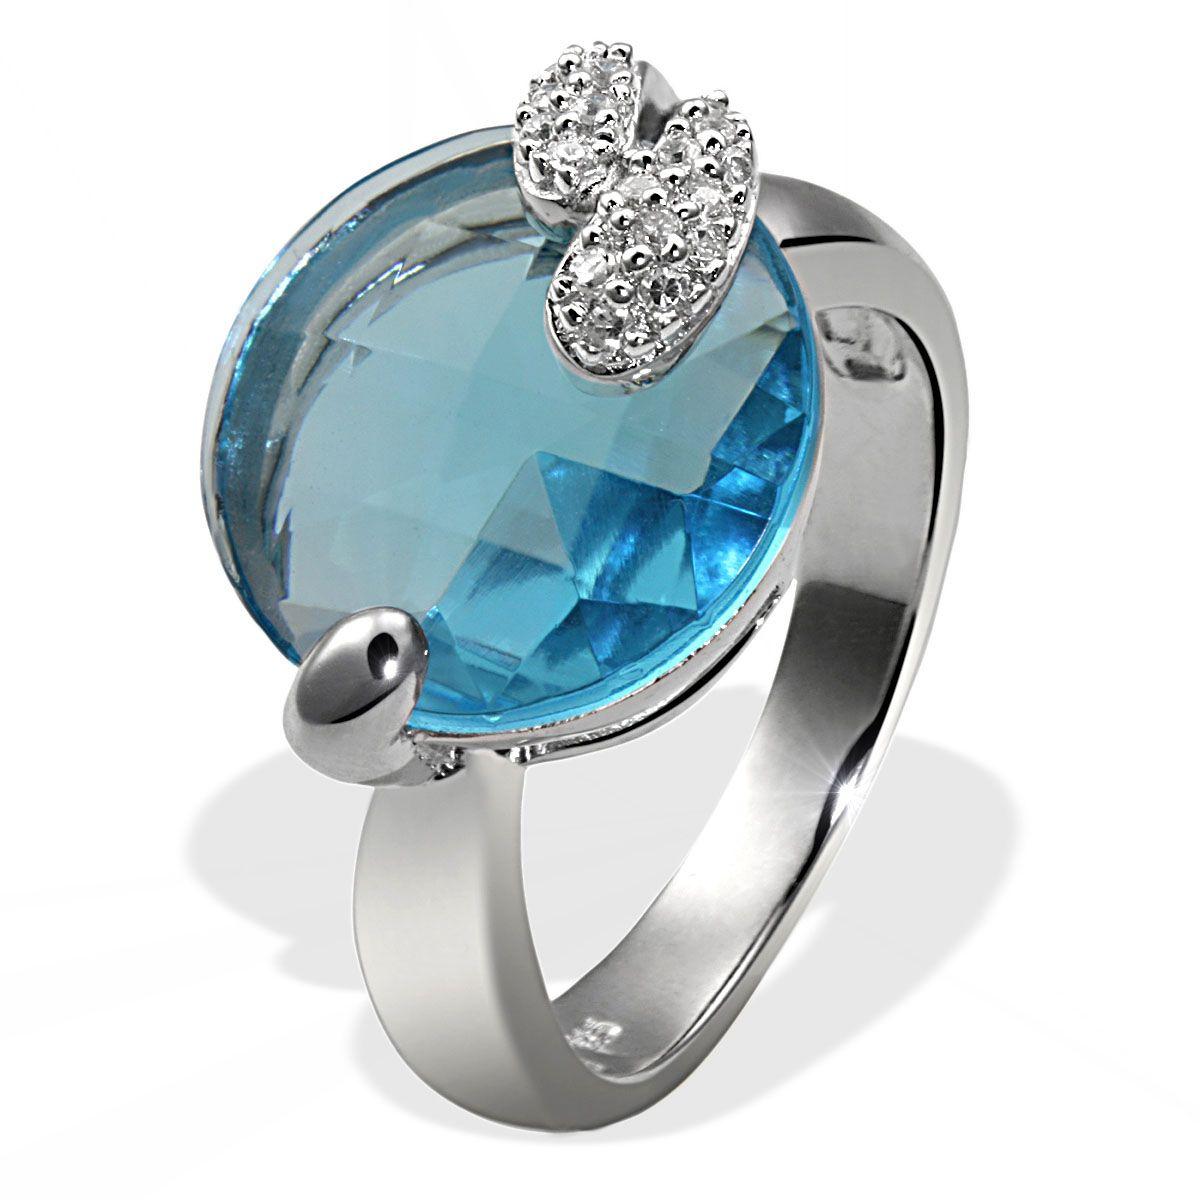 AVERDIN Averdin Damenring Silber 925 hellblauer und weisse Zirkonia rund